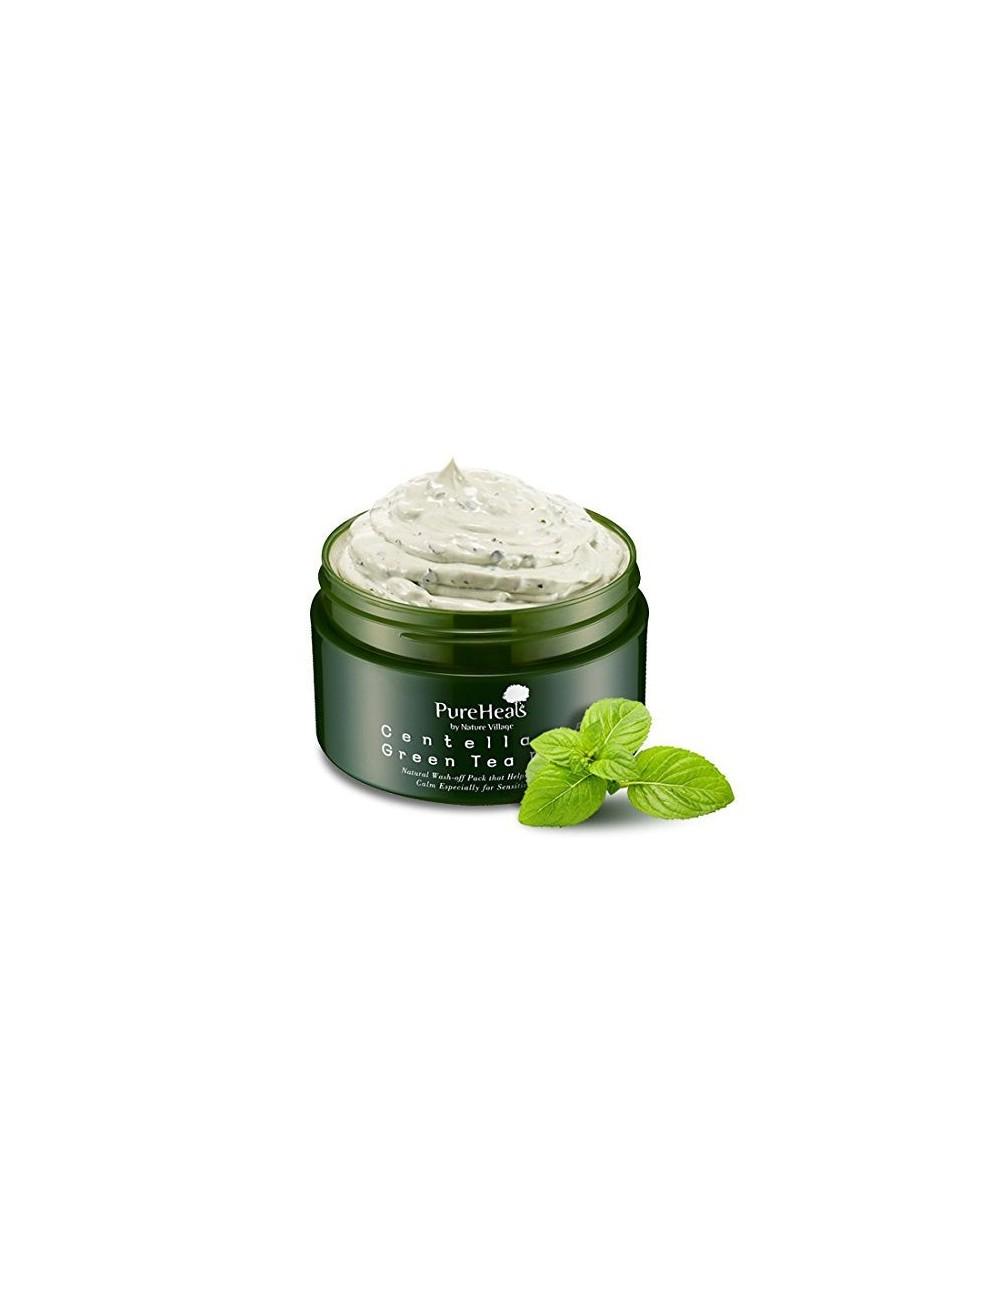 Mascarilla Hidratante y Purificante PureHeals Centella 65 Green Tea Pack